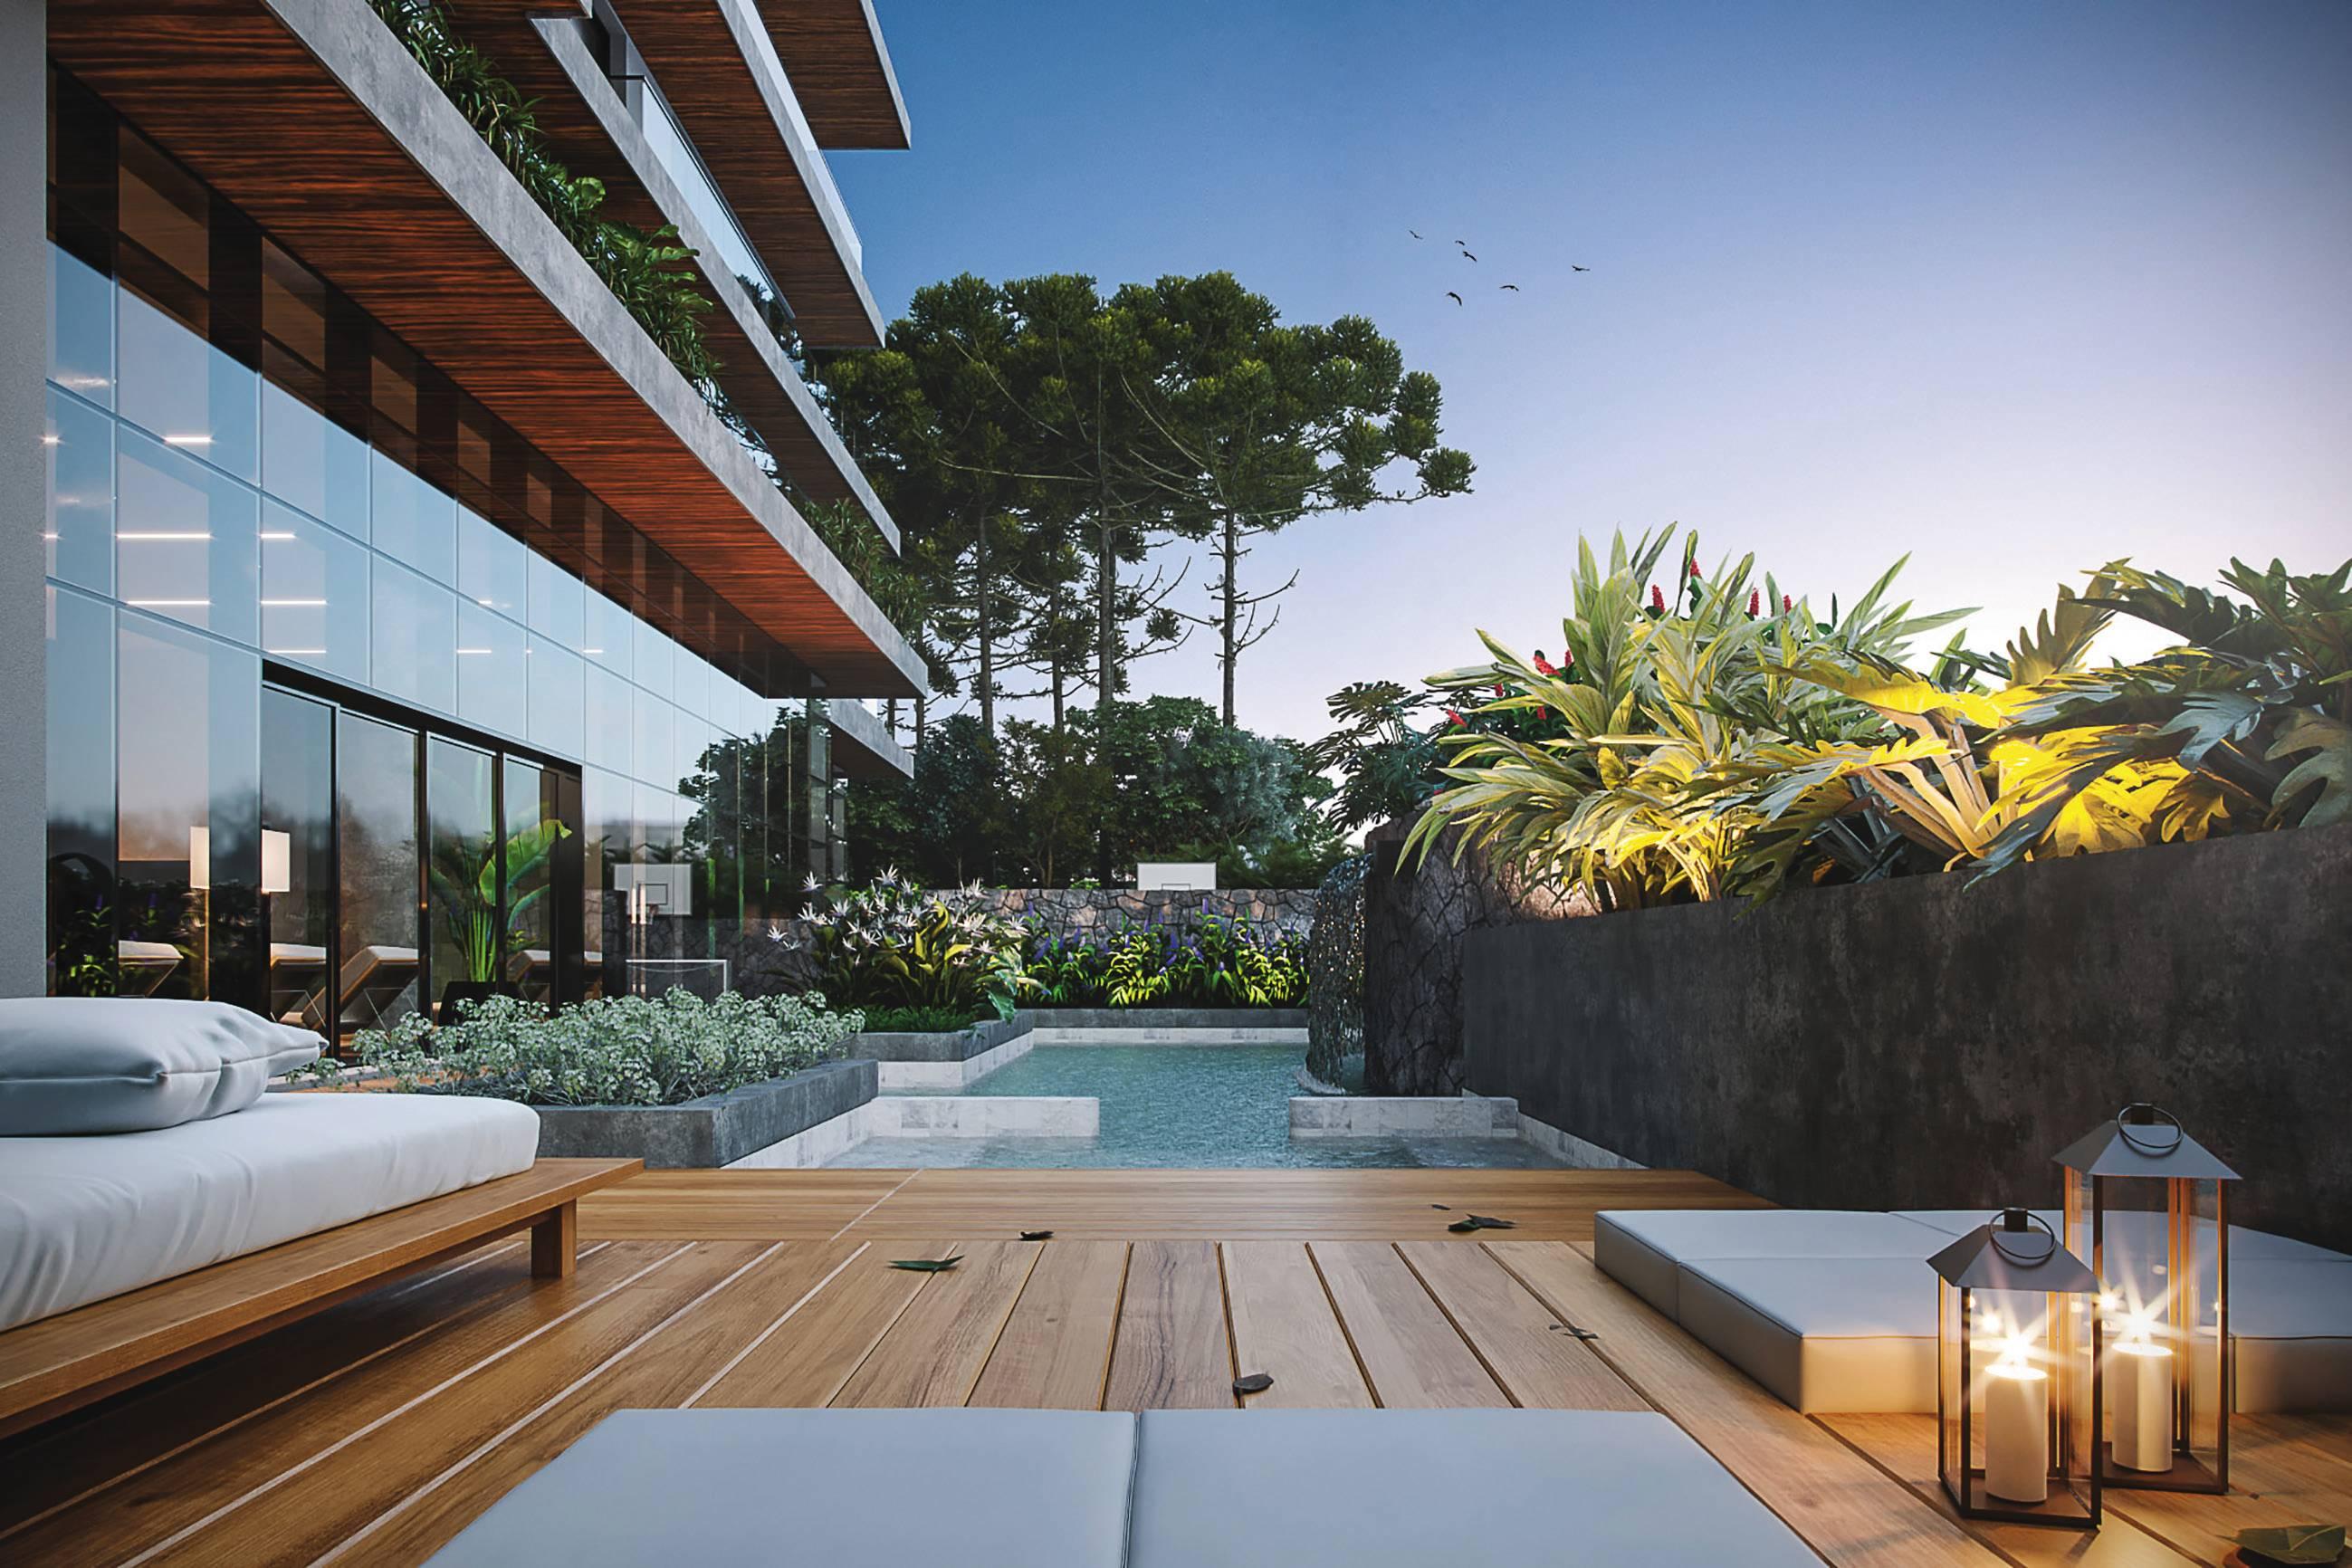 O edifício Pinah, da Construtora Laguna, é o primeiro projeto brasileiro a receber o selo WELL, voltado ao bem-estar.